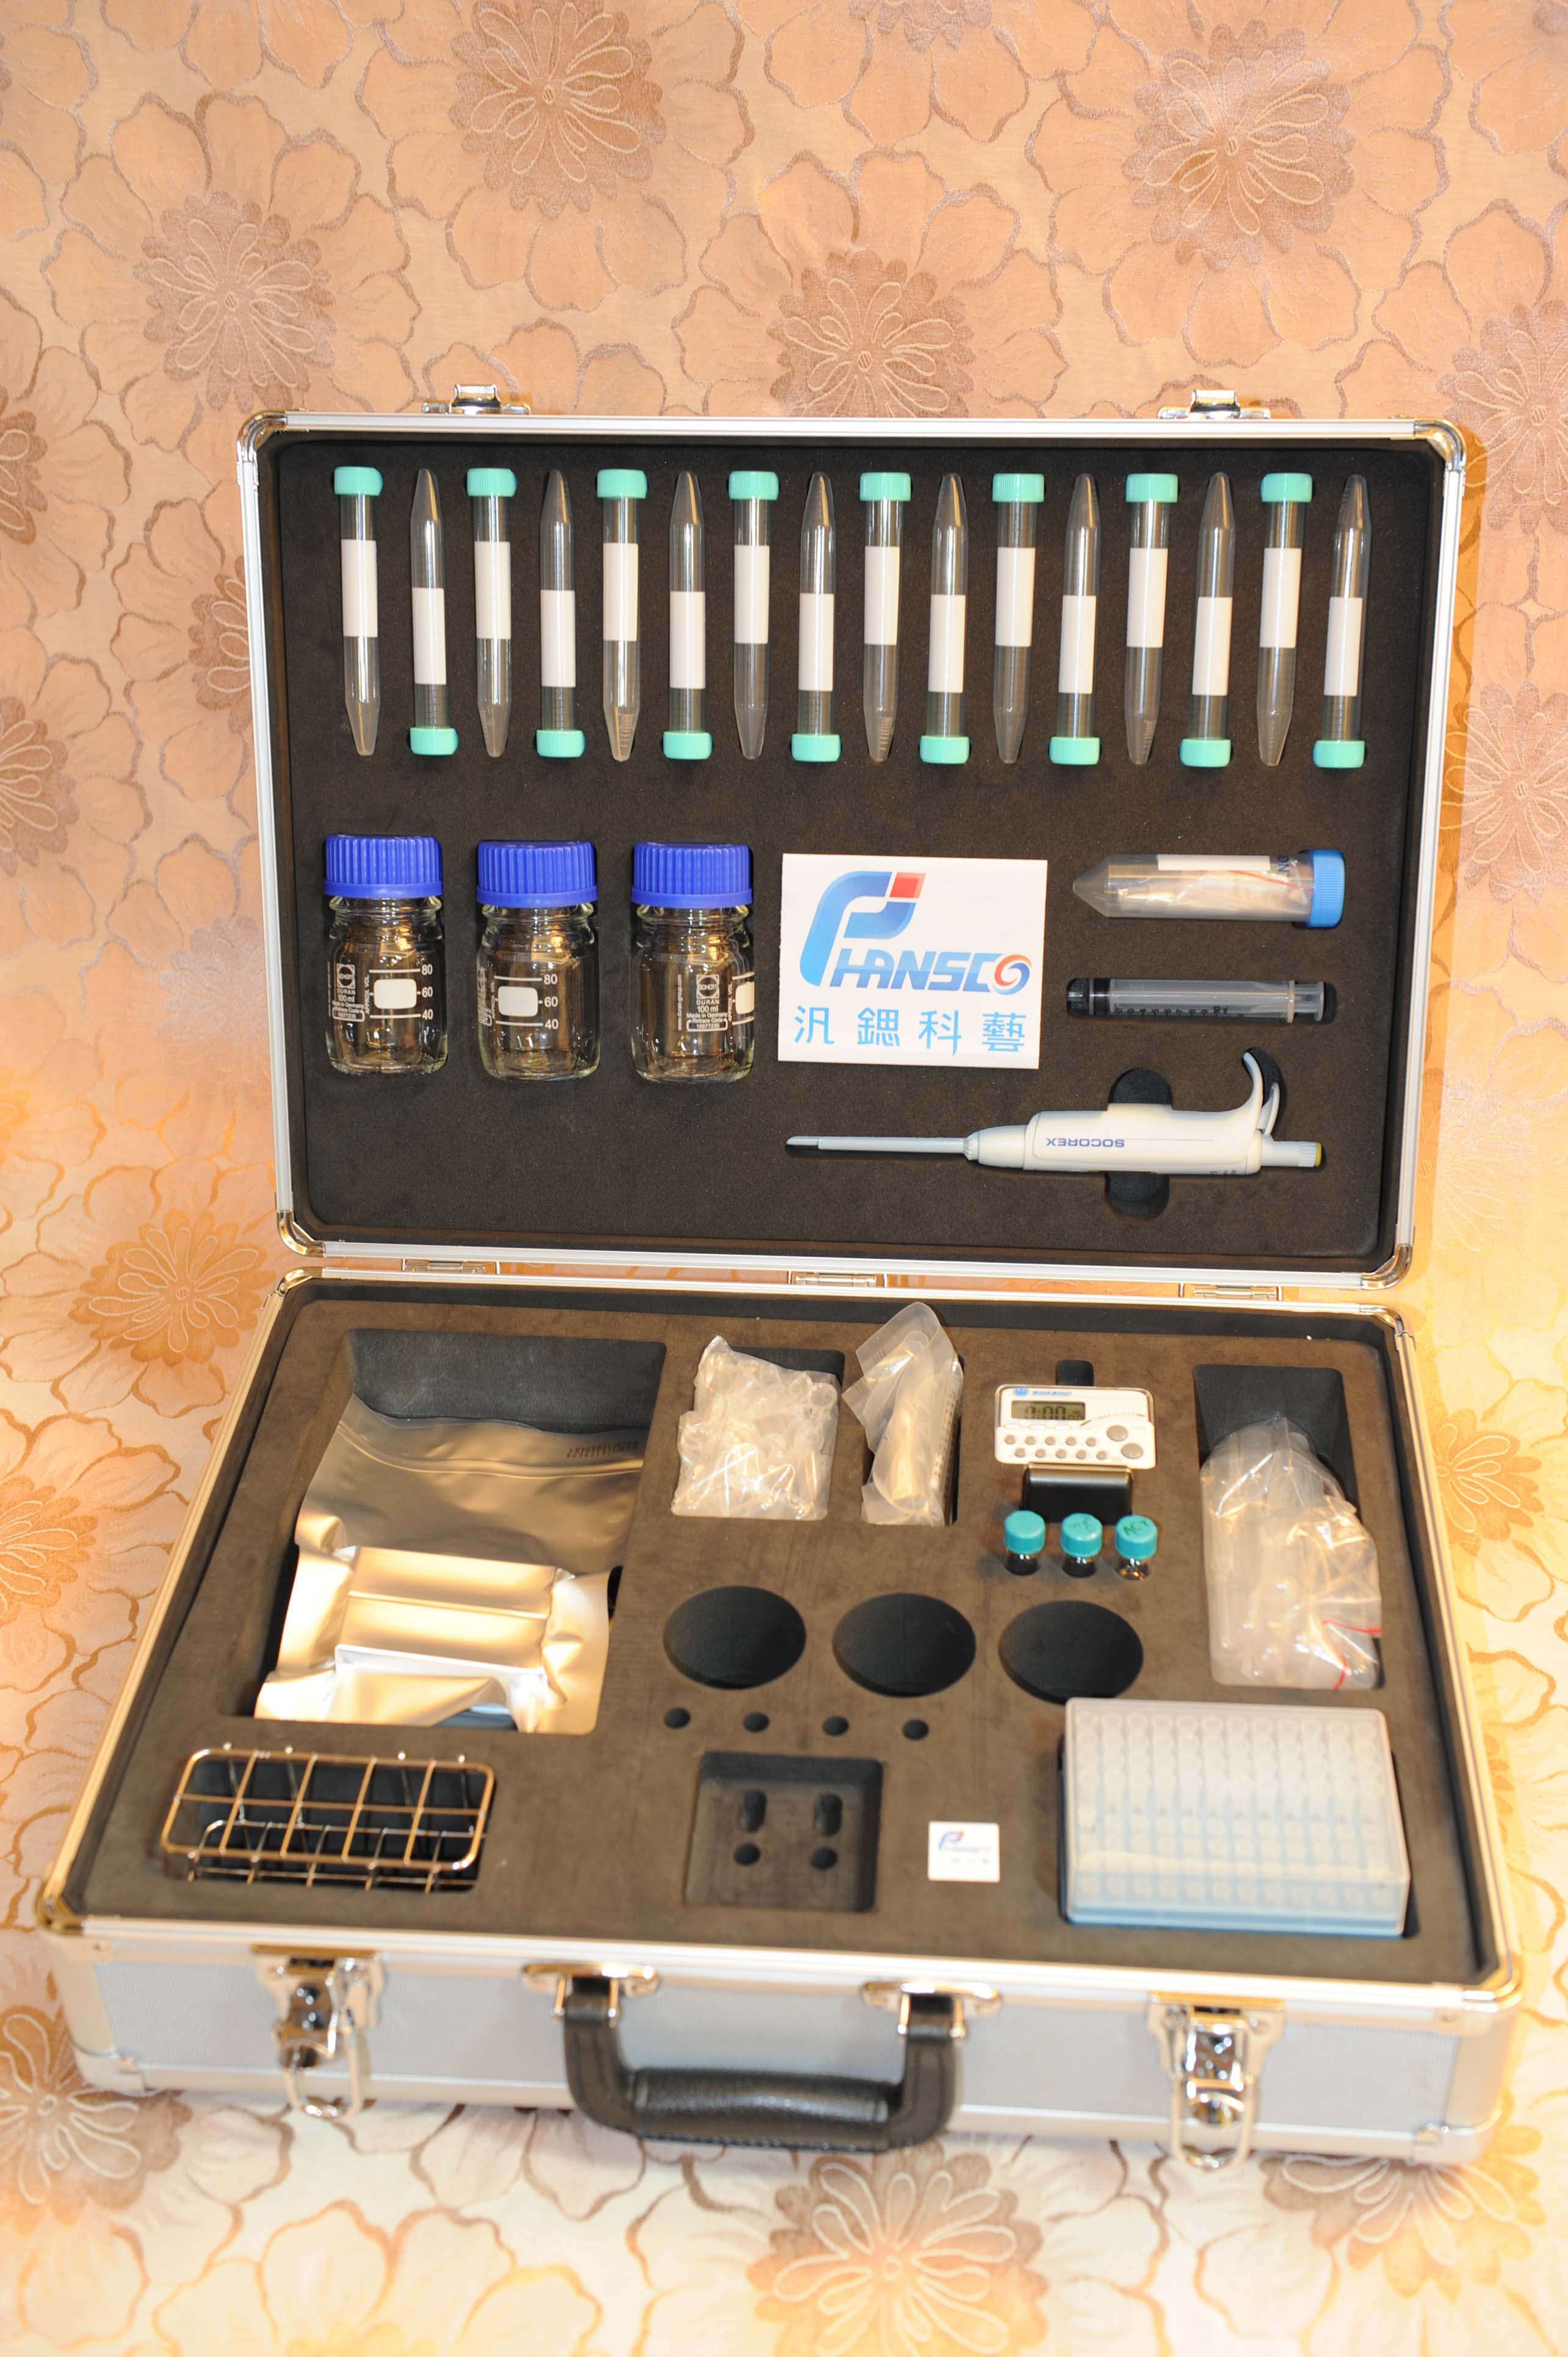 化學法前處理配件箱為農藥殘留溯源快篩提供一個簡易操作平台及方便齊全的取樣檢測材料